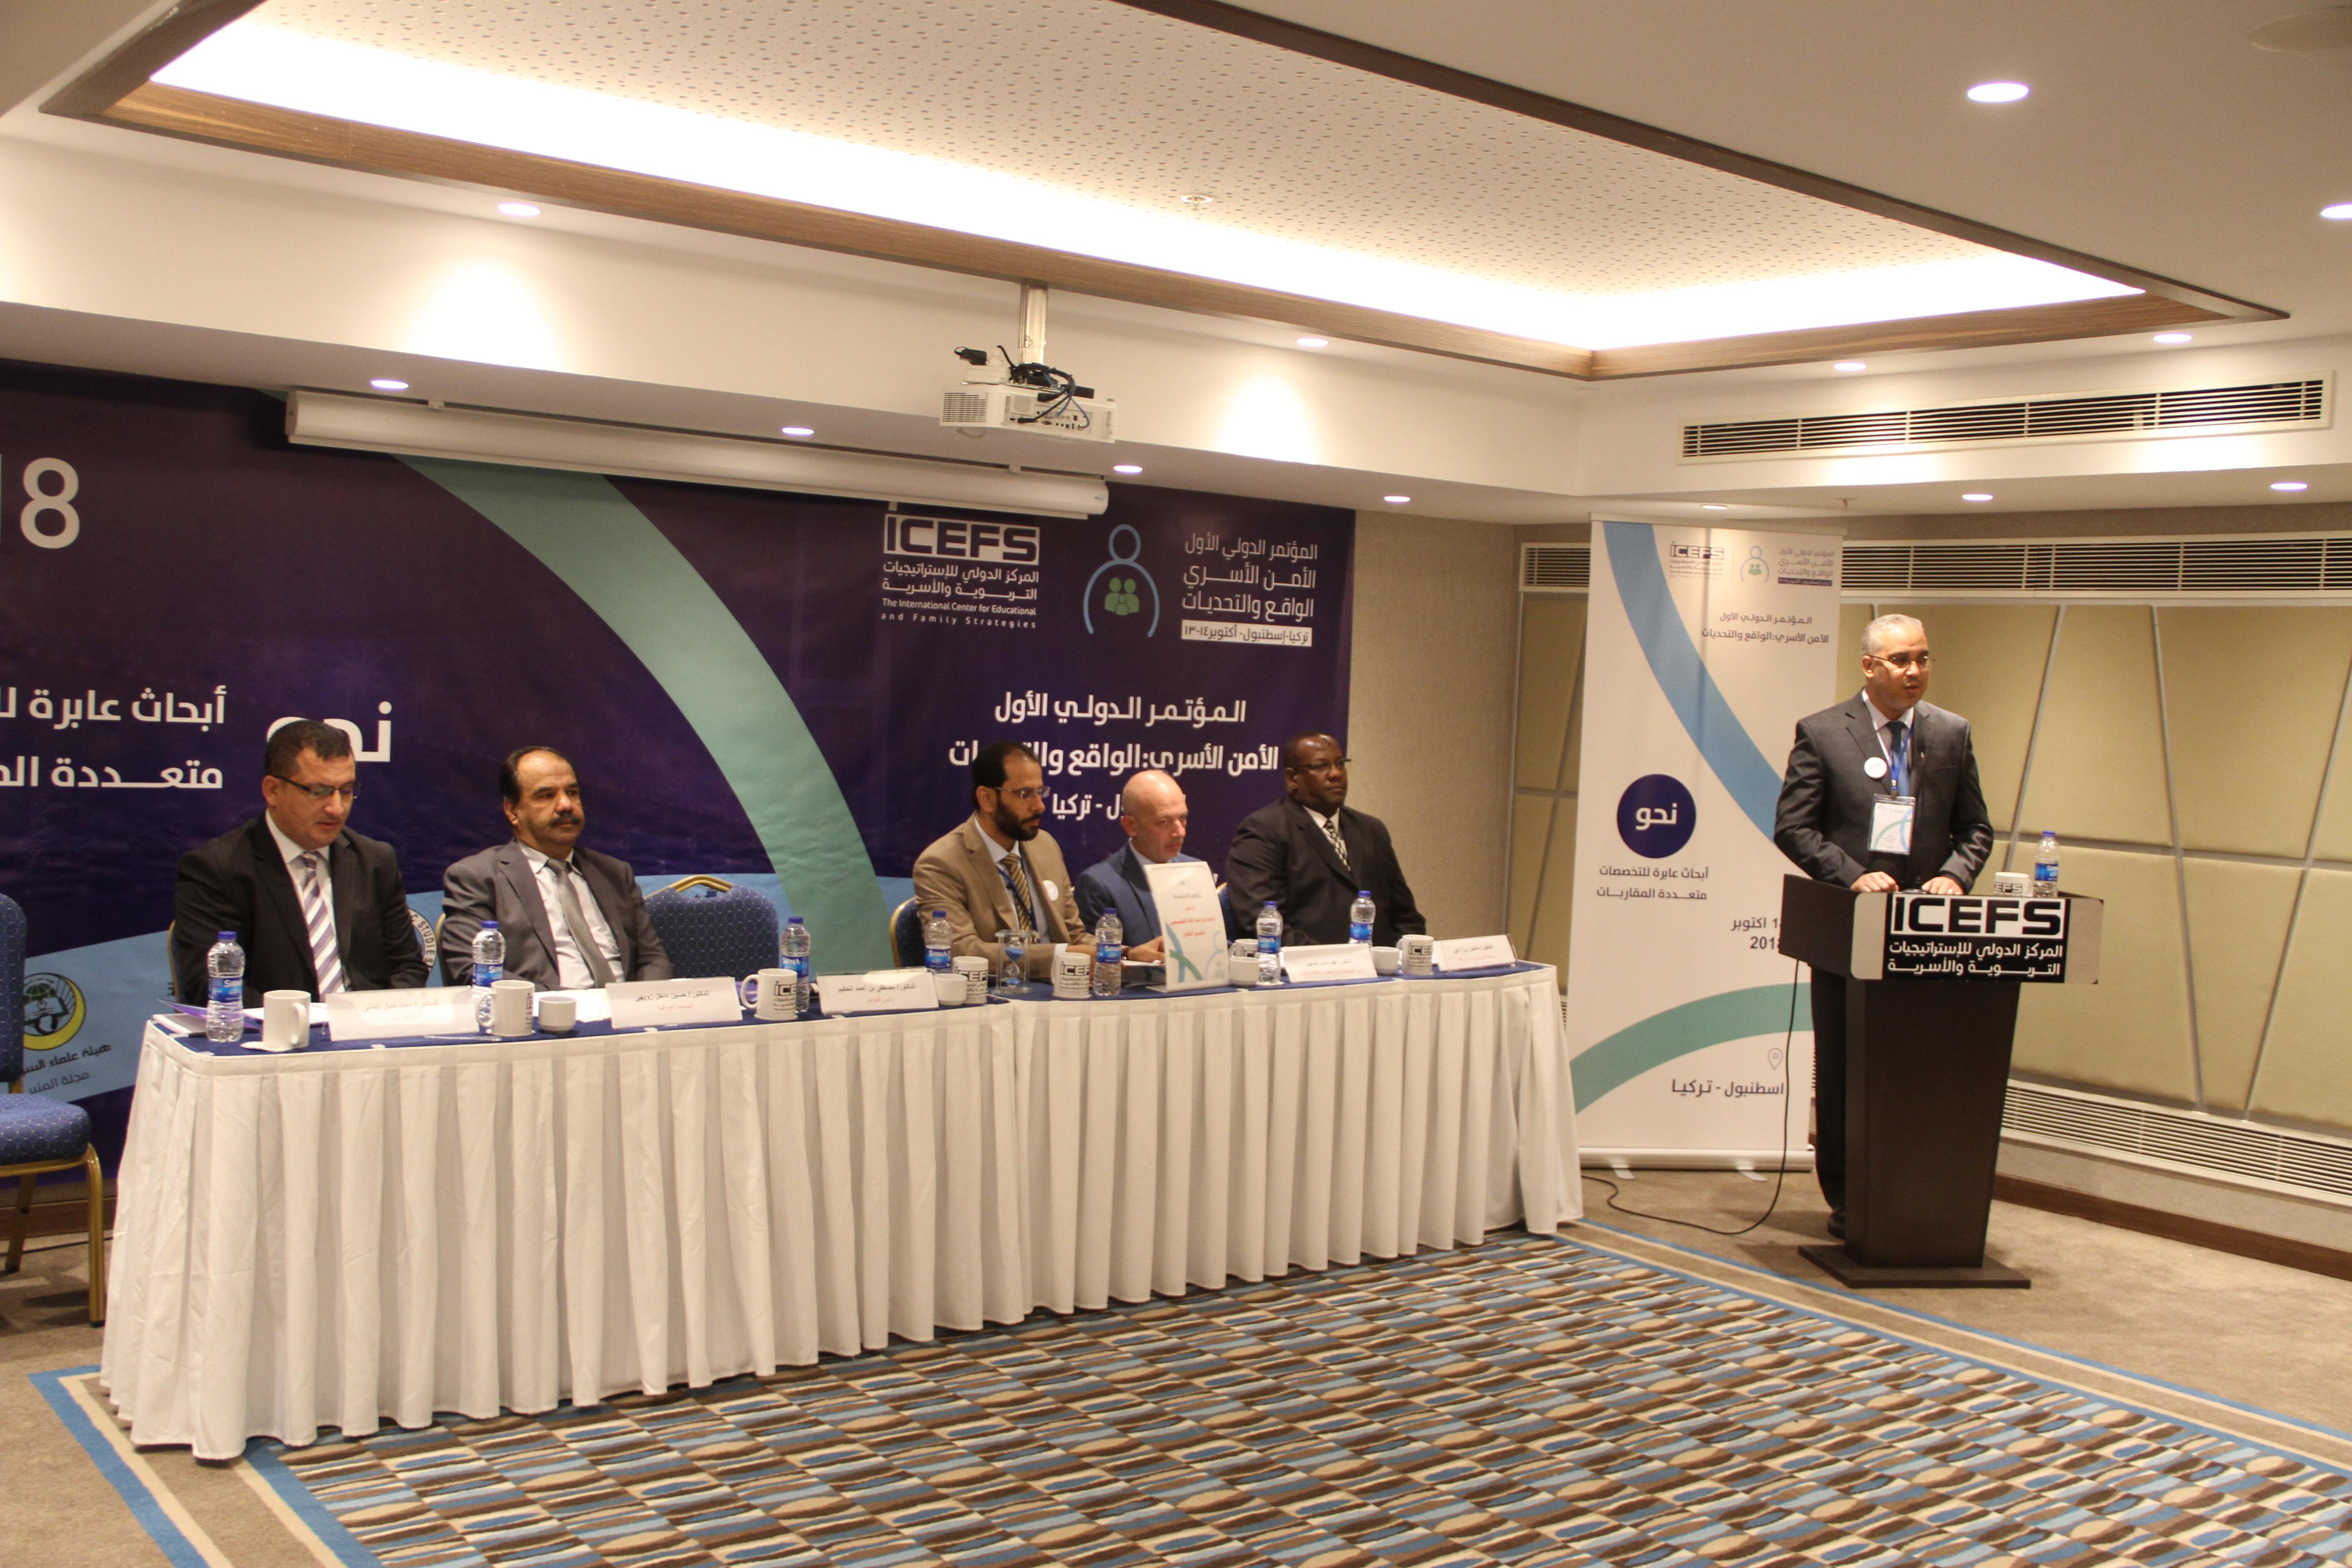 صور المؤتمر الدولي الأول